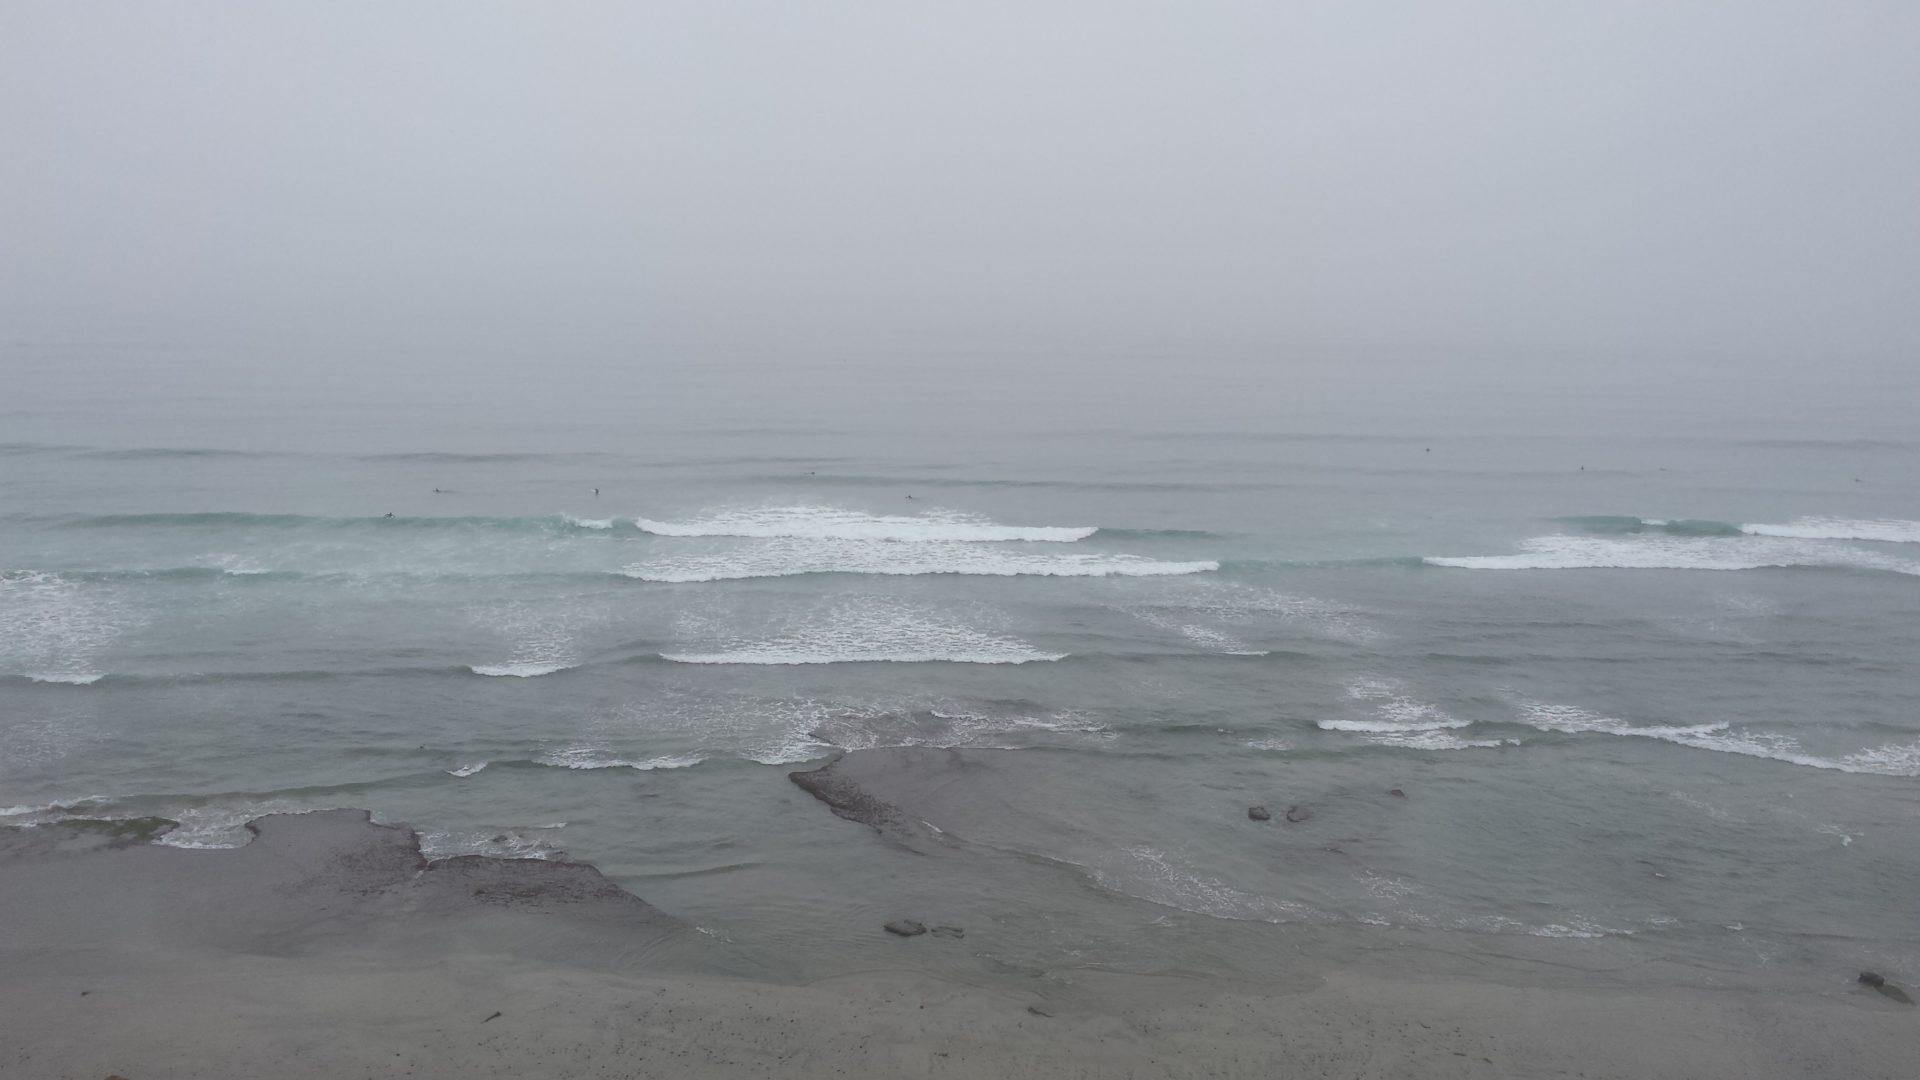 Sky, sea, sand...